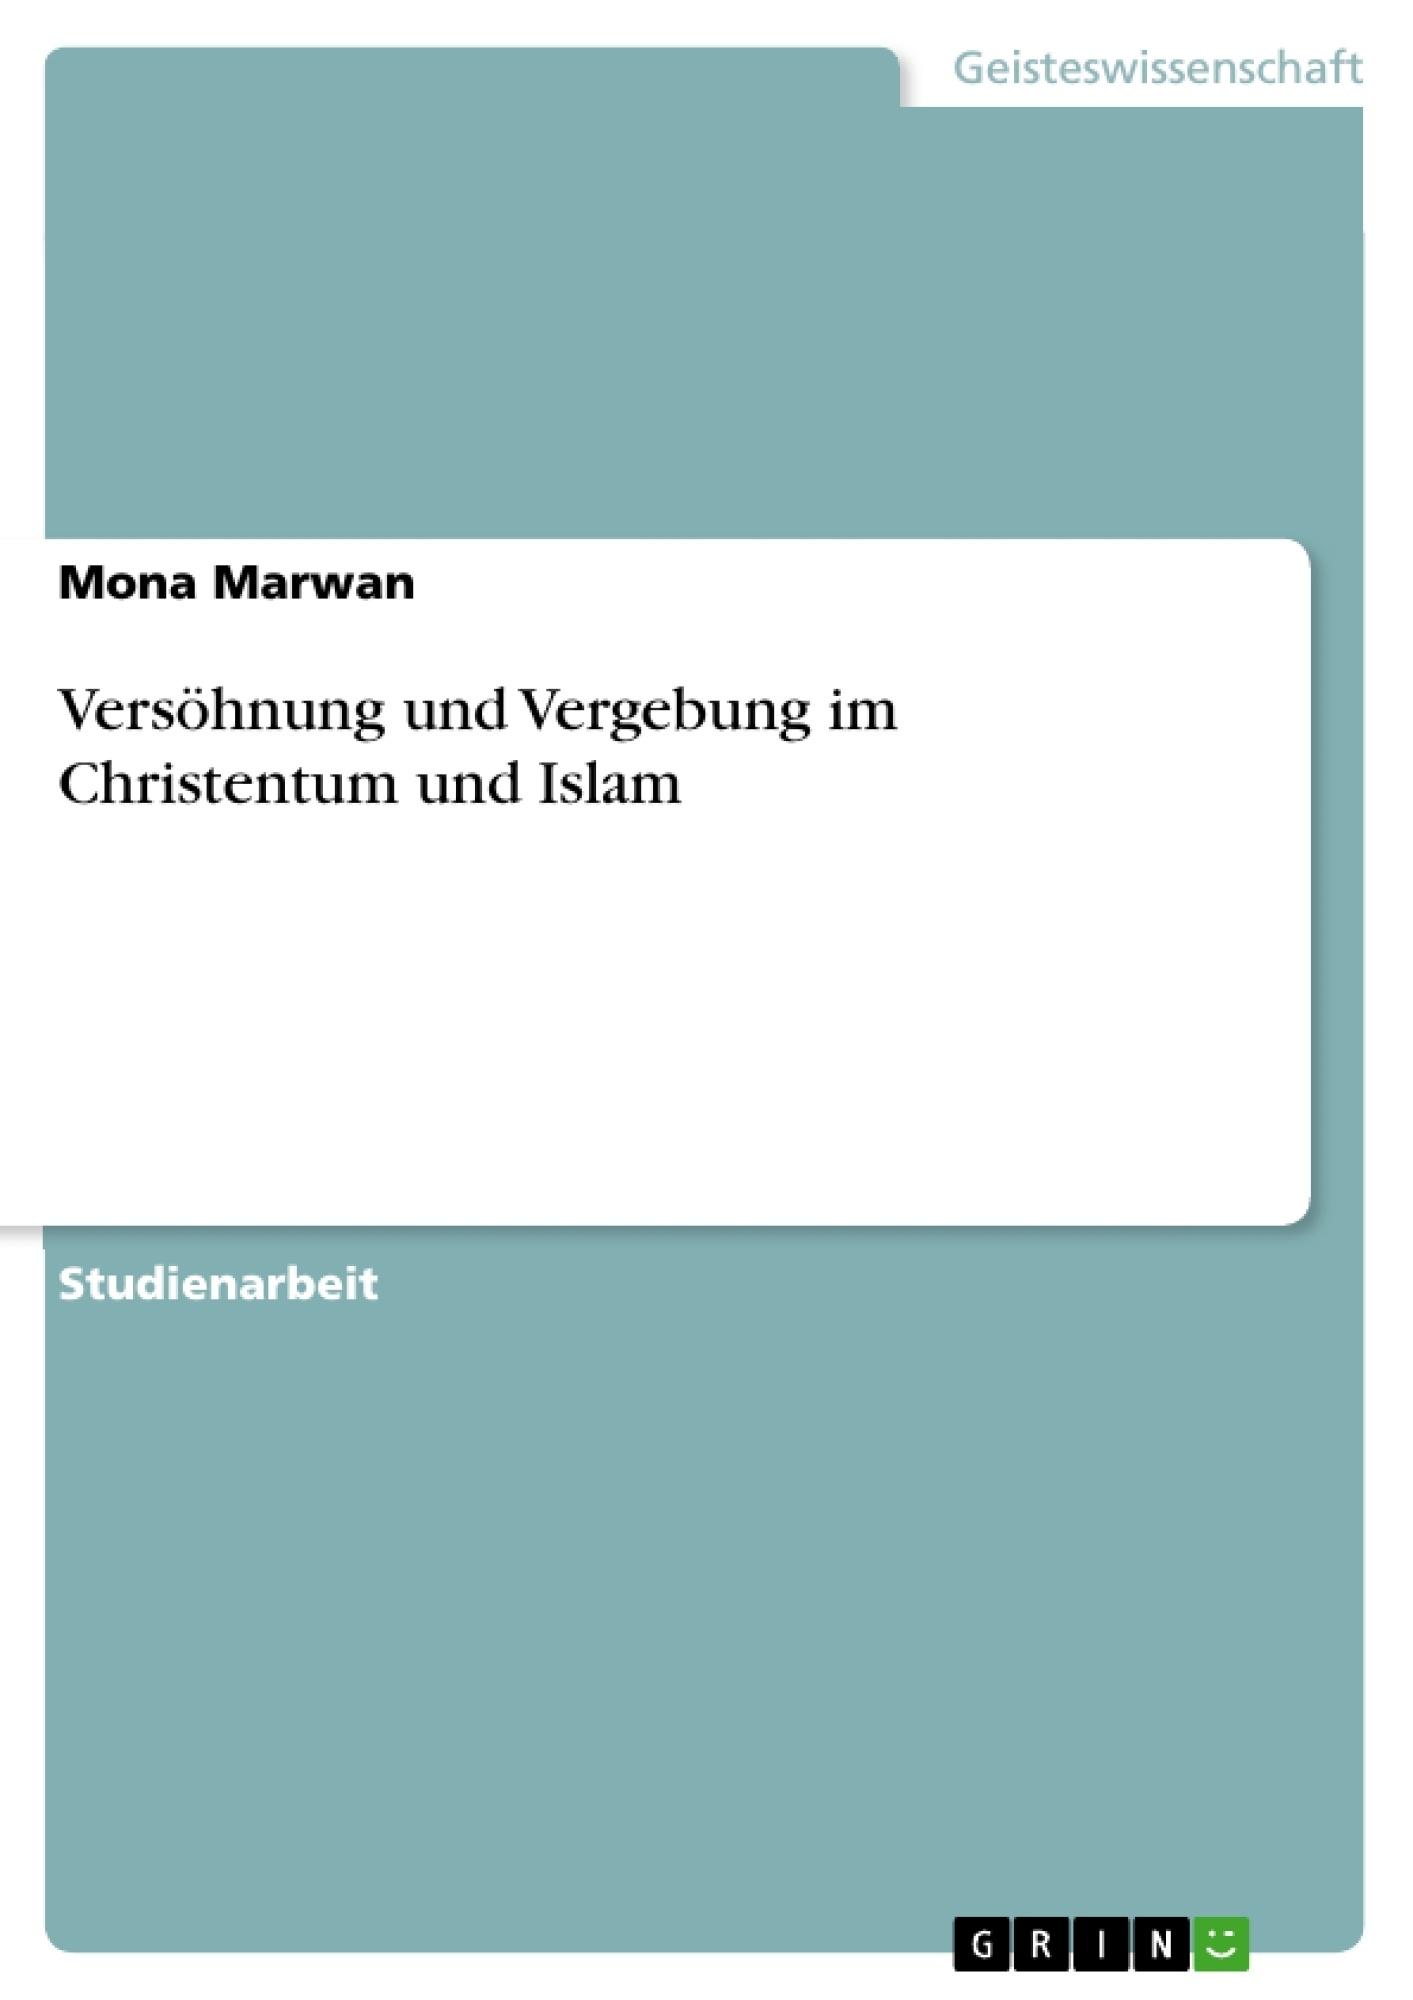 Titel: Versöhnung und Vergebung im Christentum und Islam